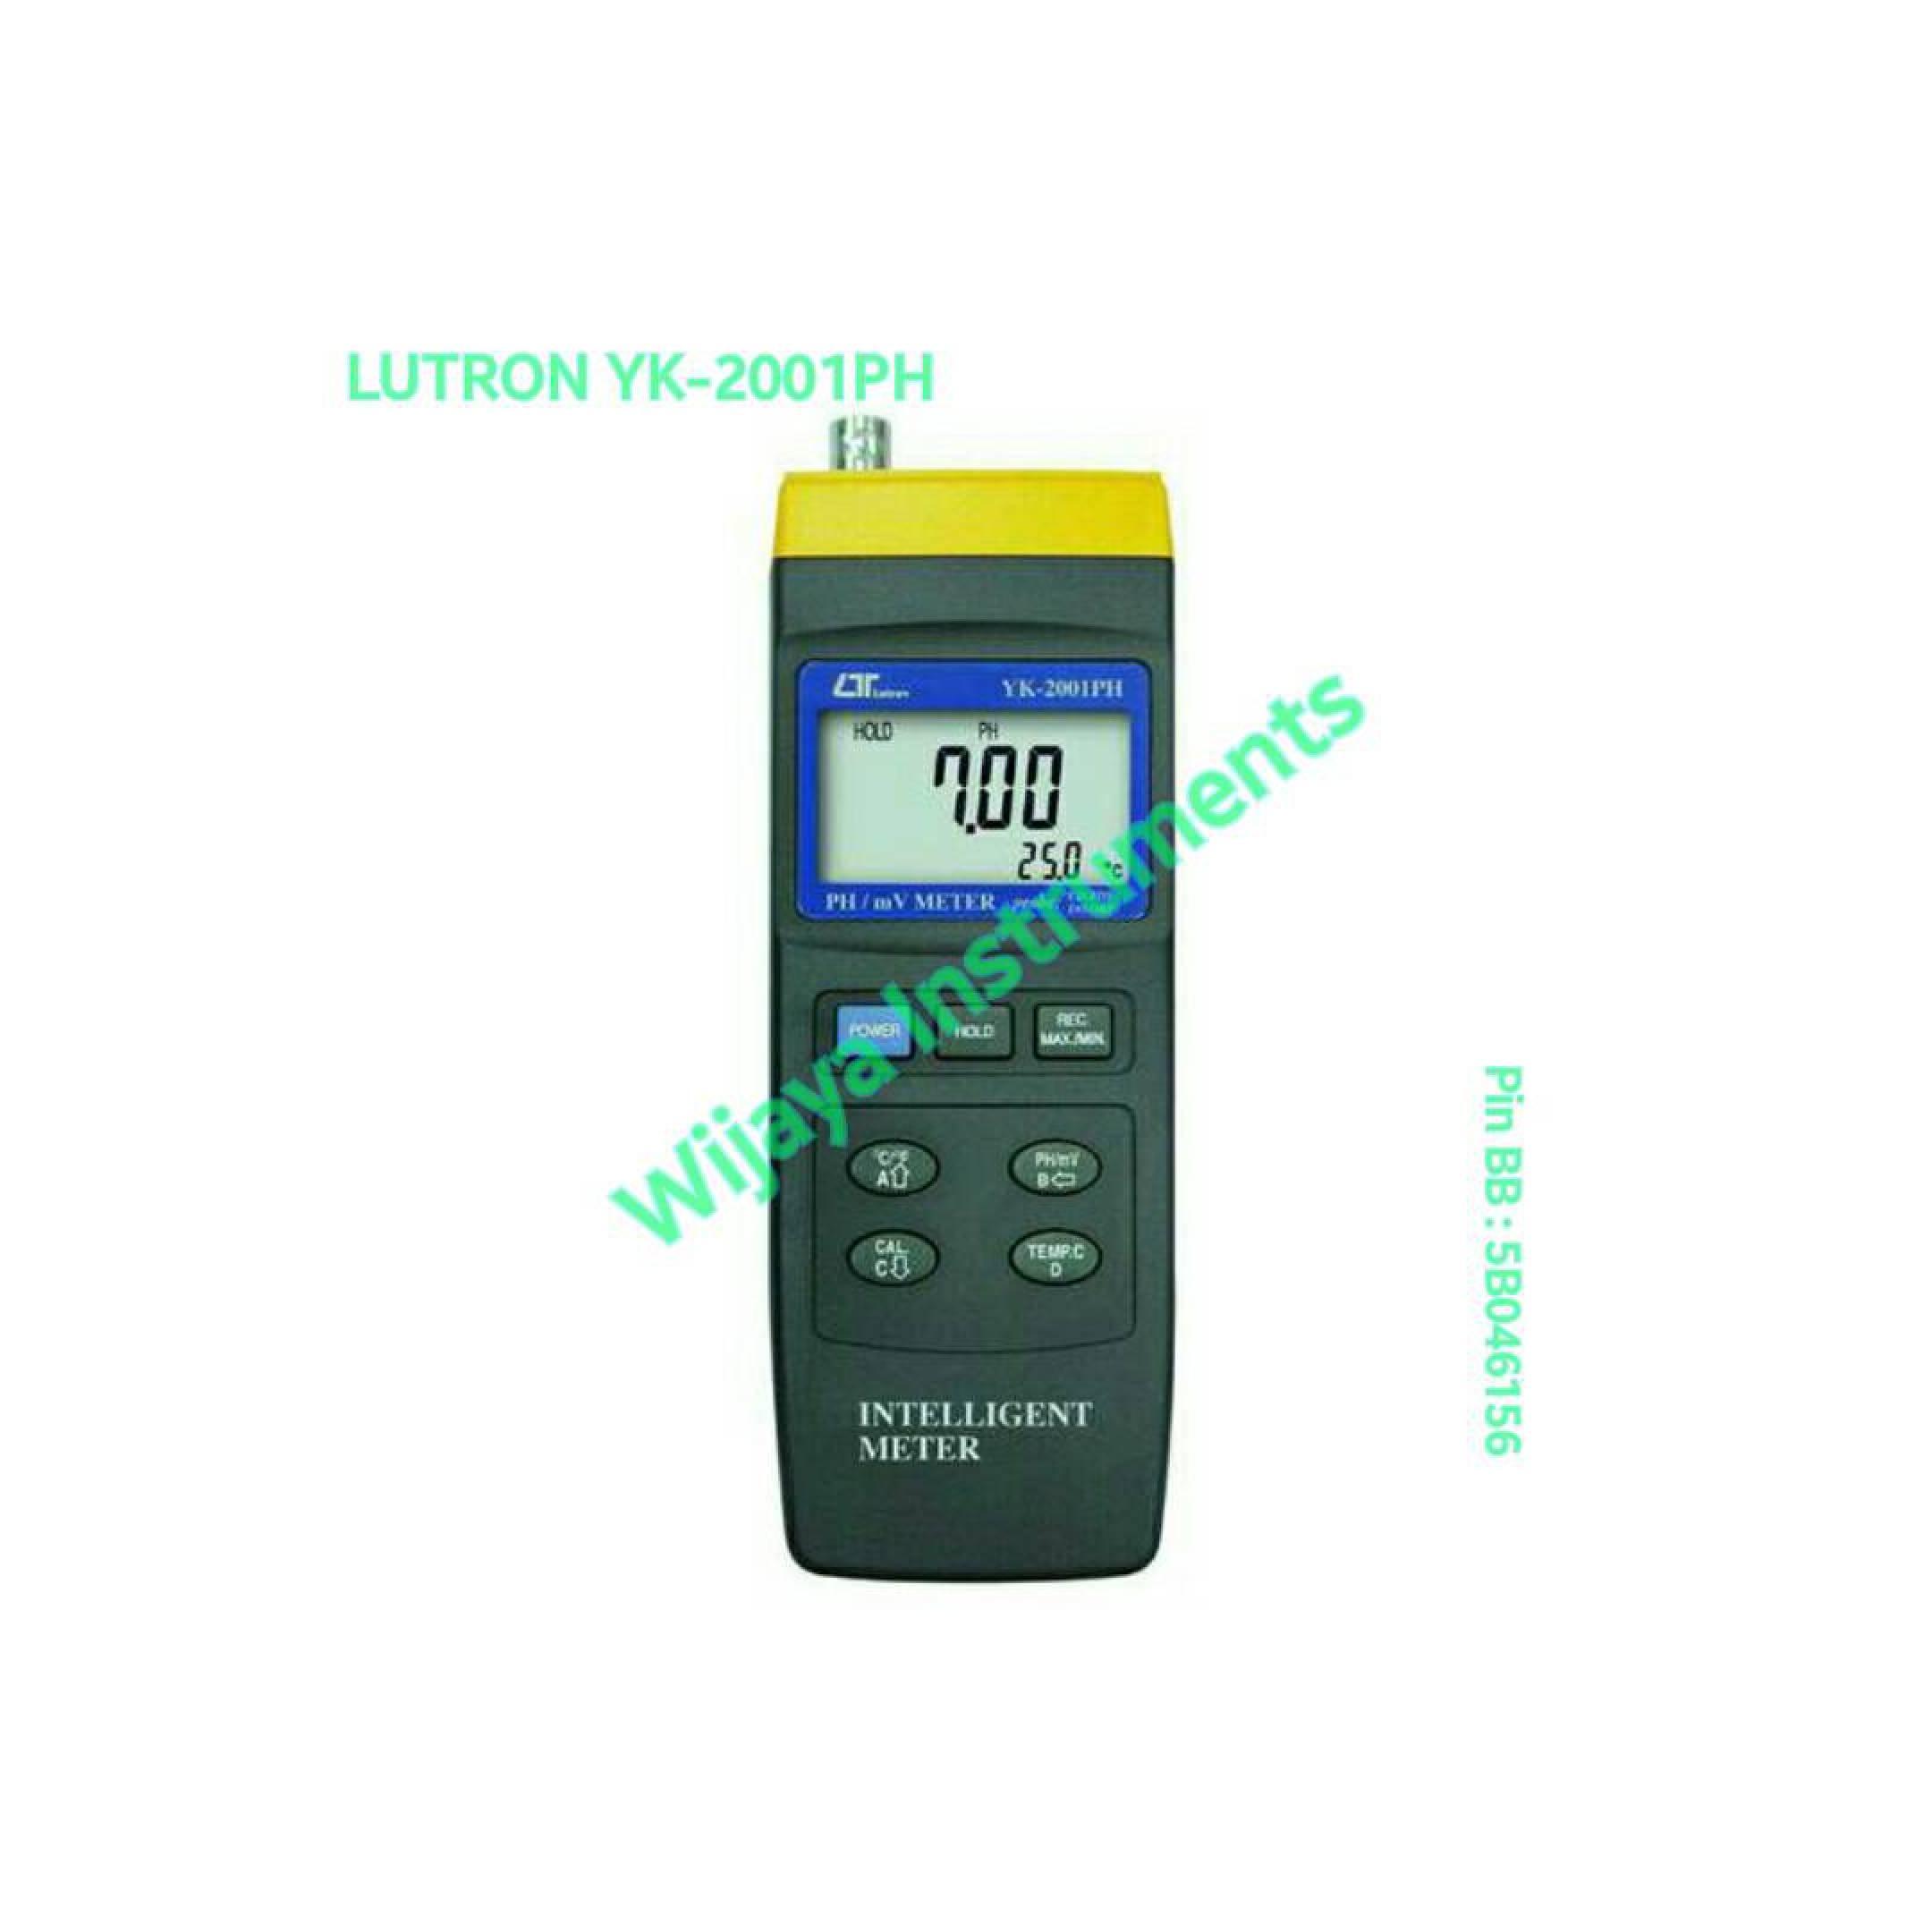 Jual Lutron Tu Murah Garansi Dan Berkualitas Id Store Anemometer Lm 8010 Rp 2200000